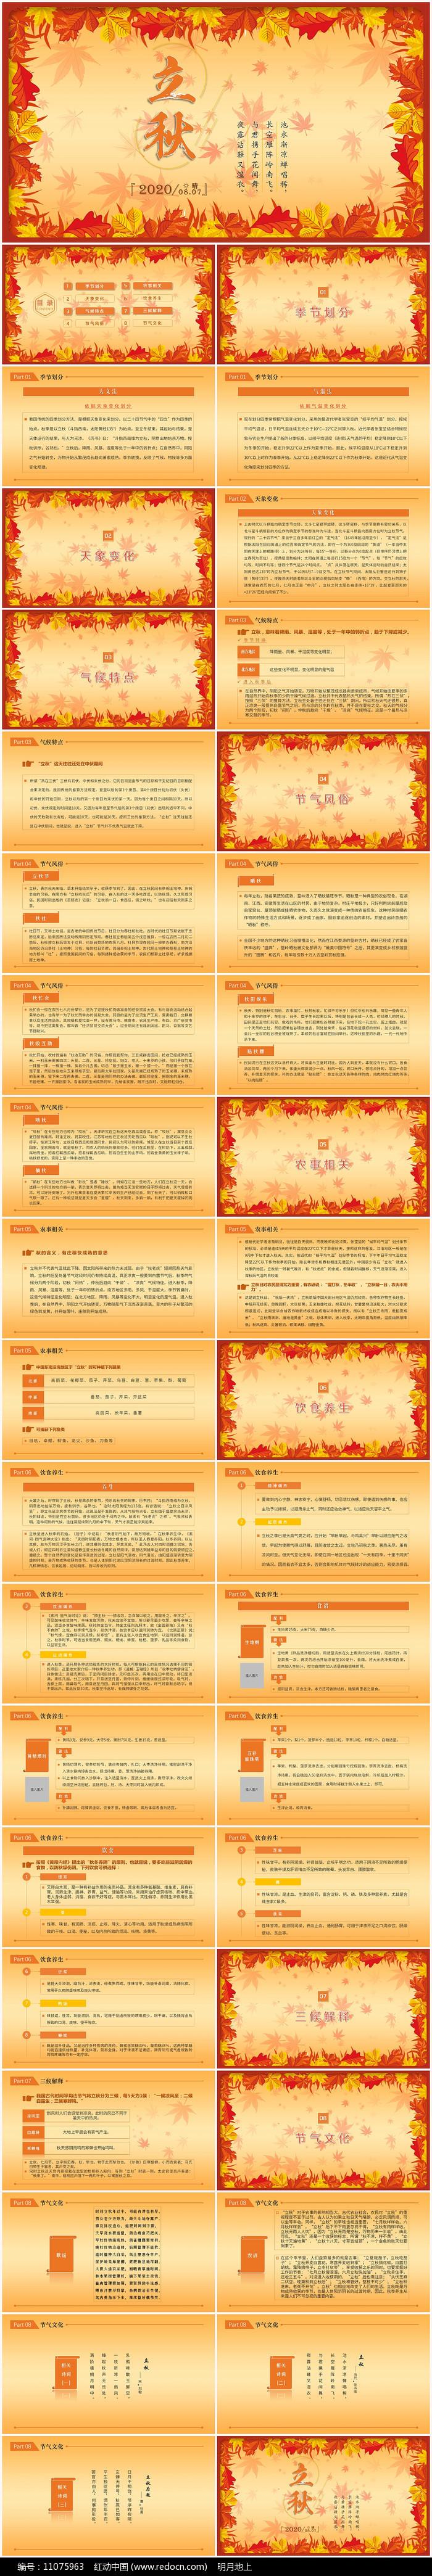 金秋丰收季节秋天秋季立秋动态PPT模板图片